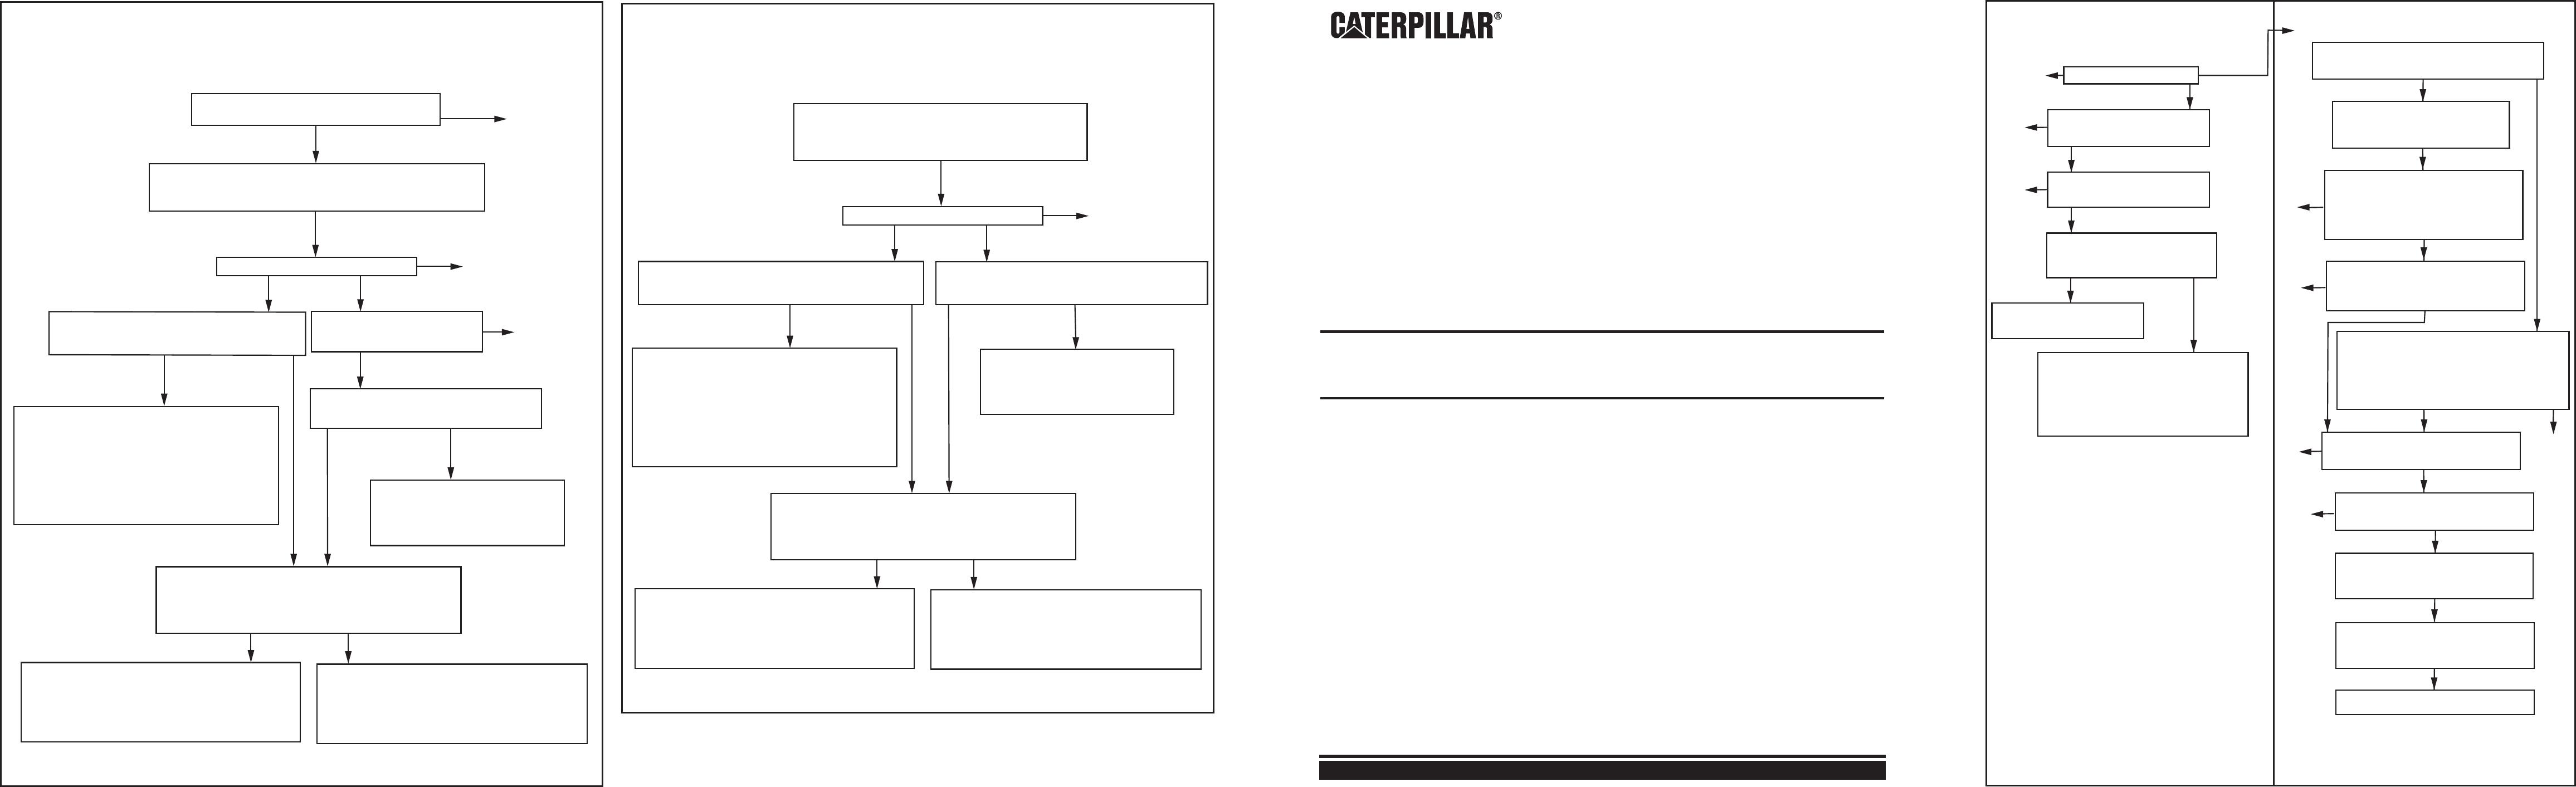 3126b truck engine fmtv military truck schematic | cat machines electrical  schematic  cat machines electrical schematic